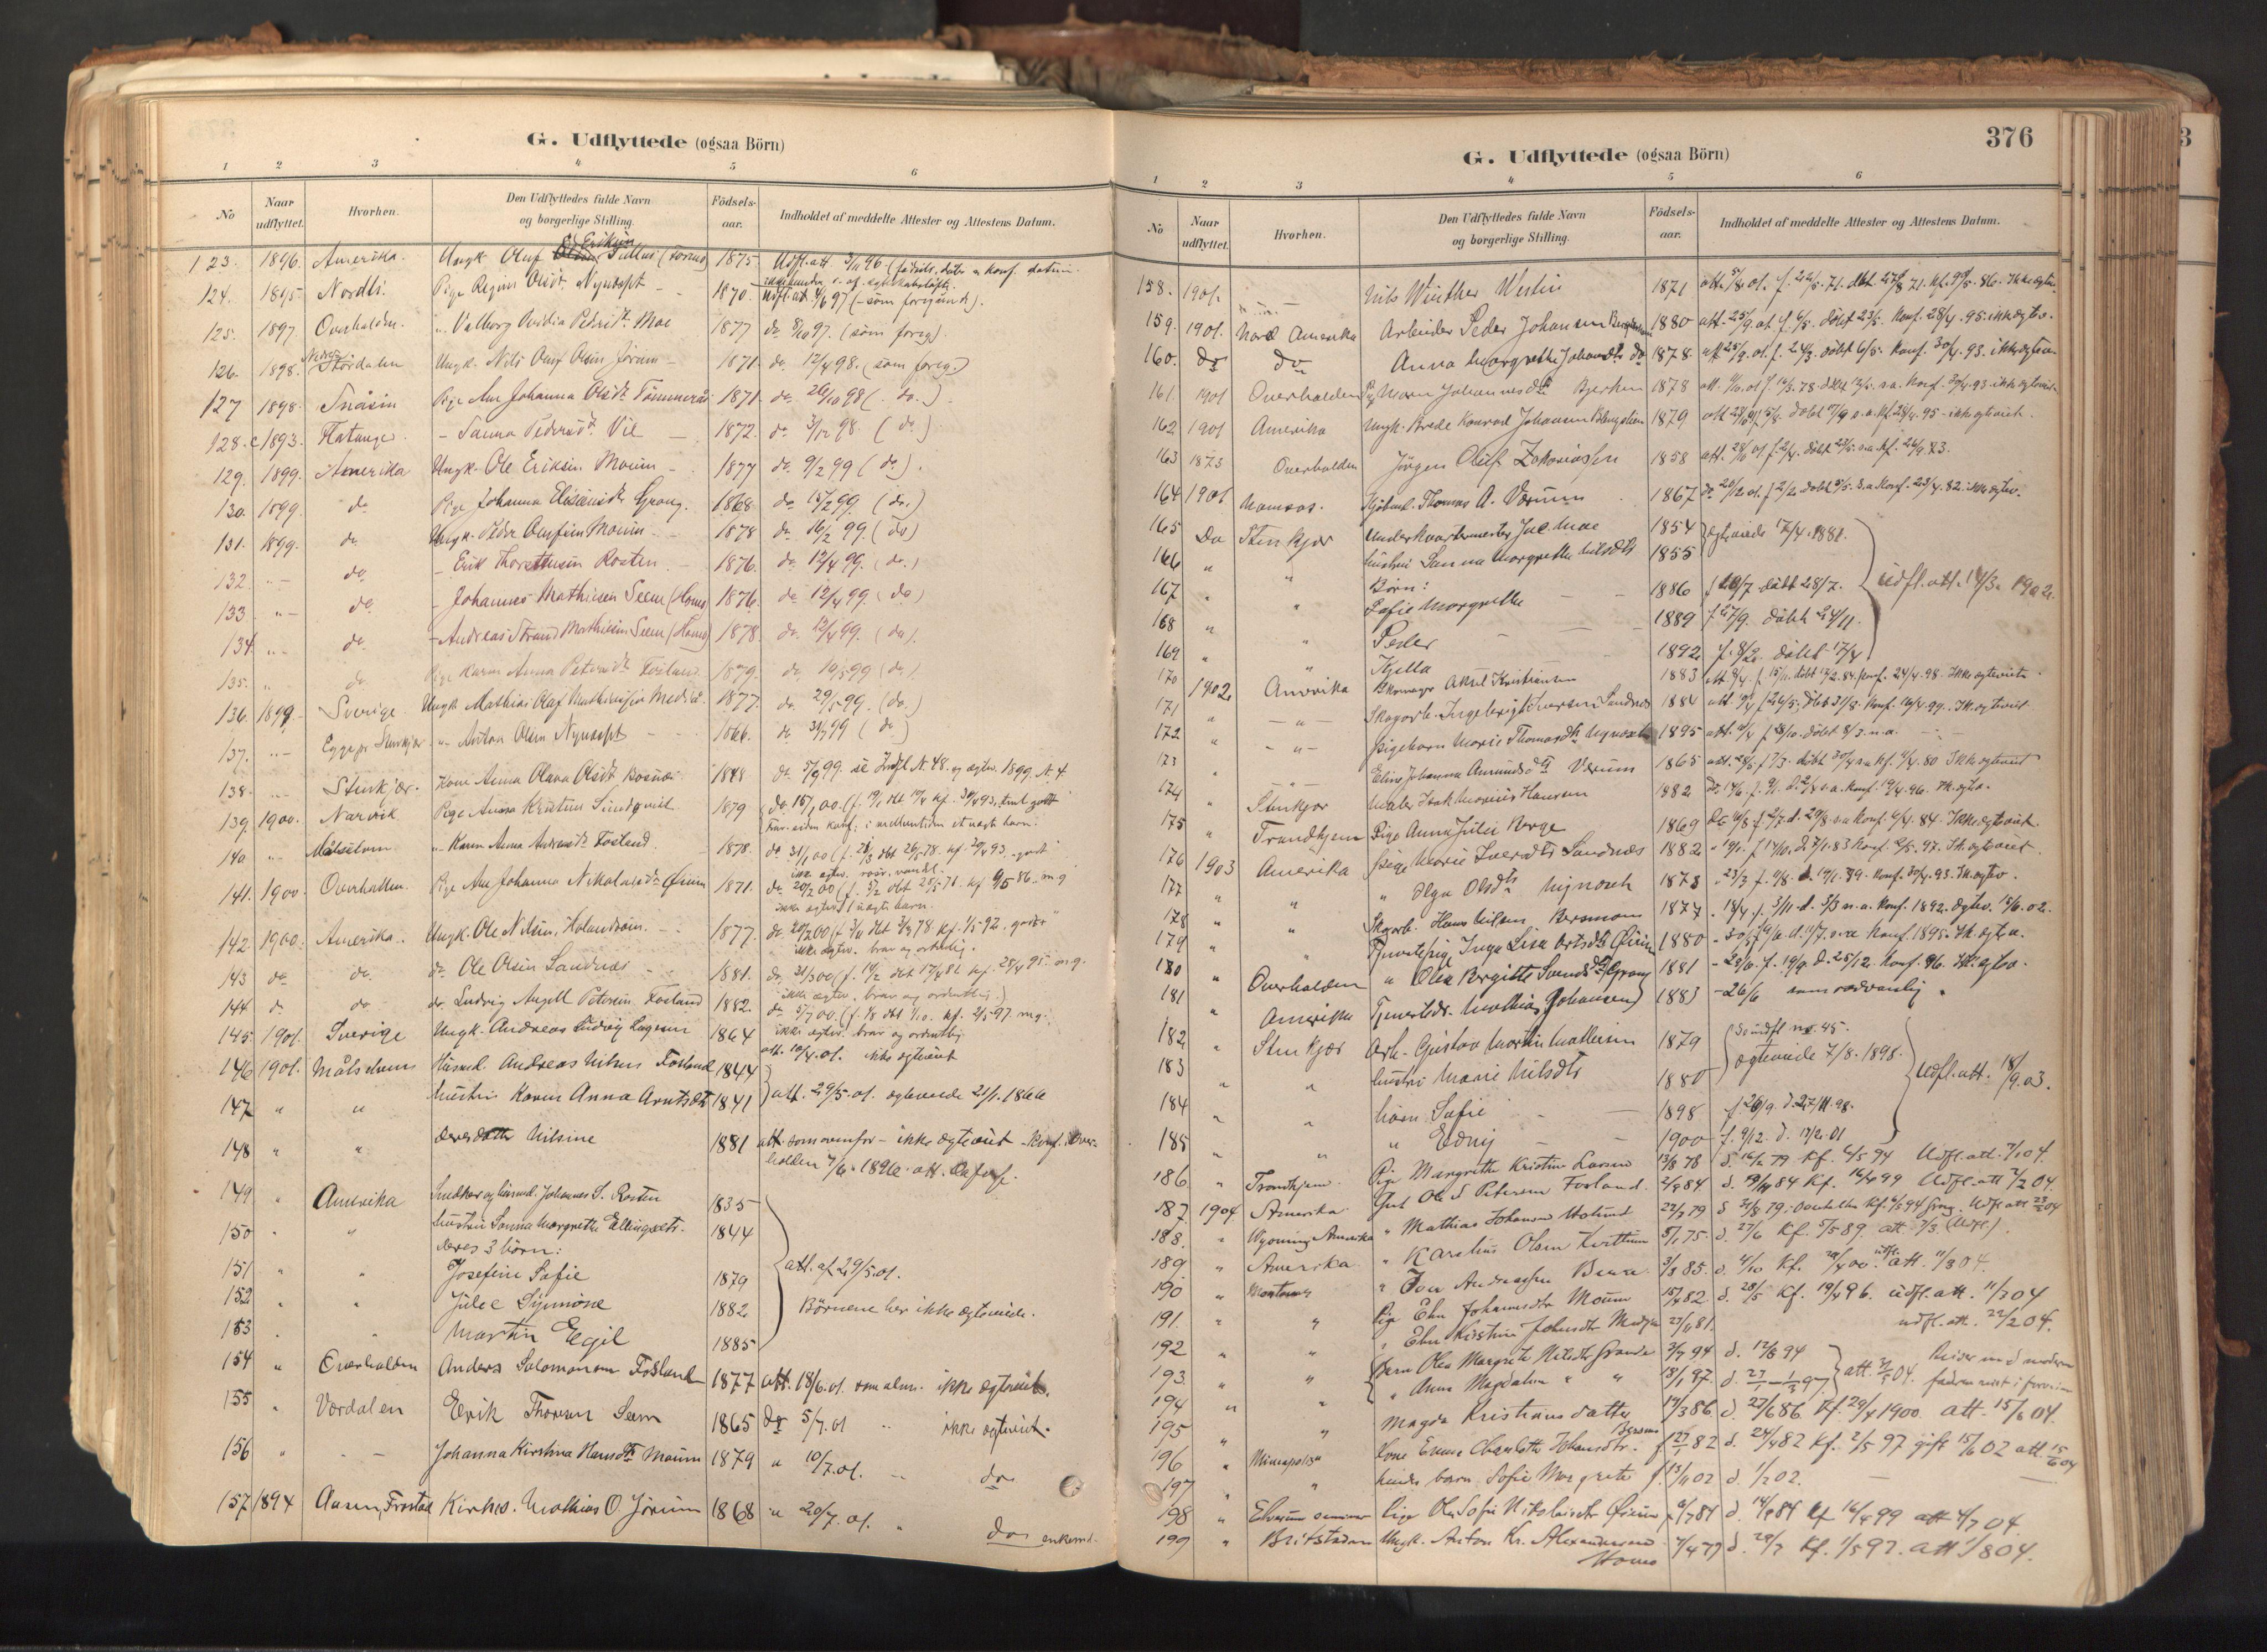 SAT, Ministerialprotokoller, klokkerbøker og fødselsregistre - Nord-Trøndelag, 758/L0519: Ministerialbok nr. 758A04, 1880-1926, s. 376